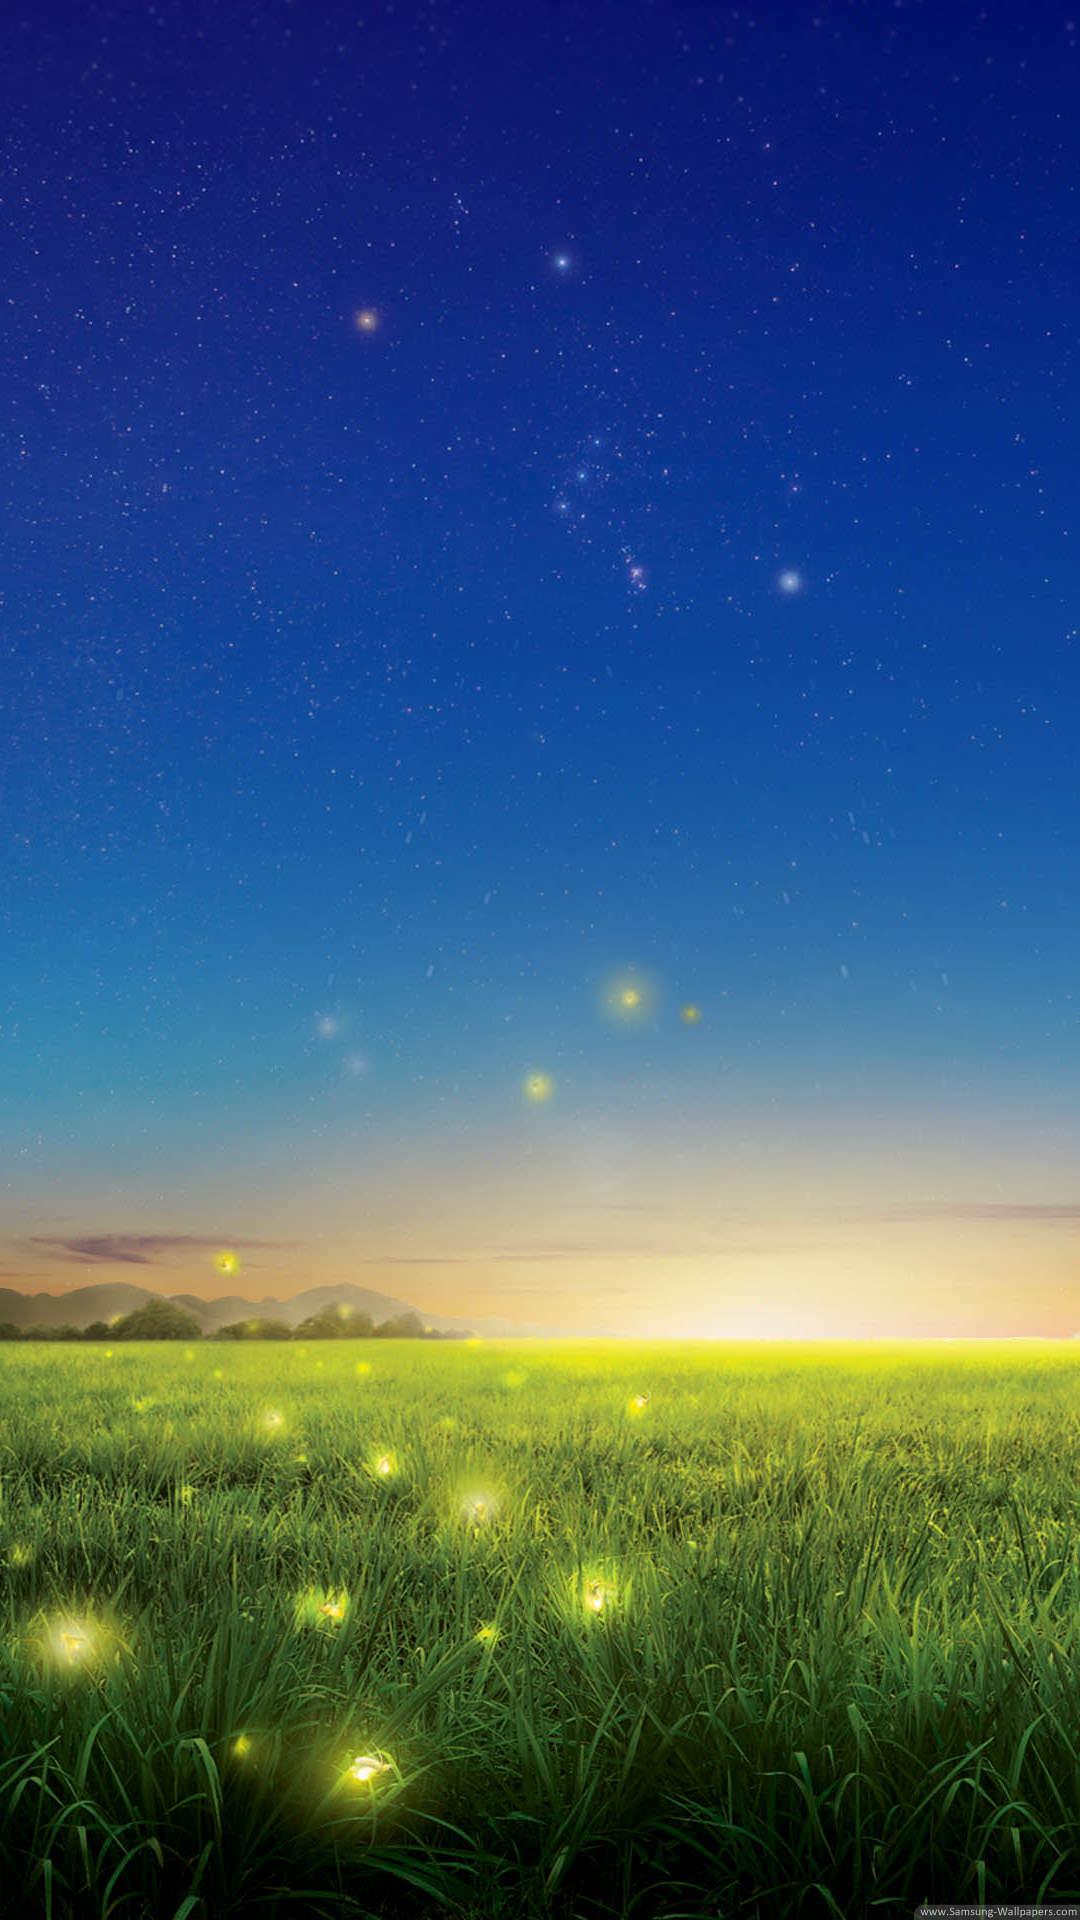 蛍と星空 iPhone6 Plus壁紙